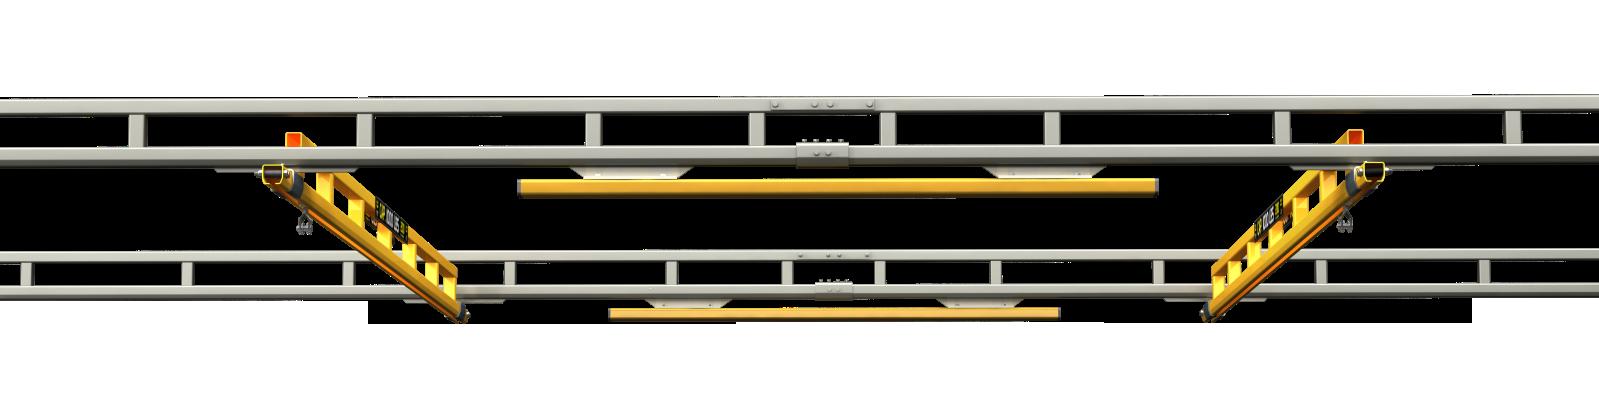 floor-mounted-cranes.multiple-cranes